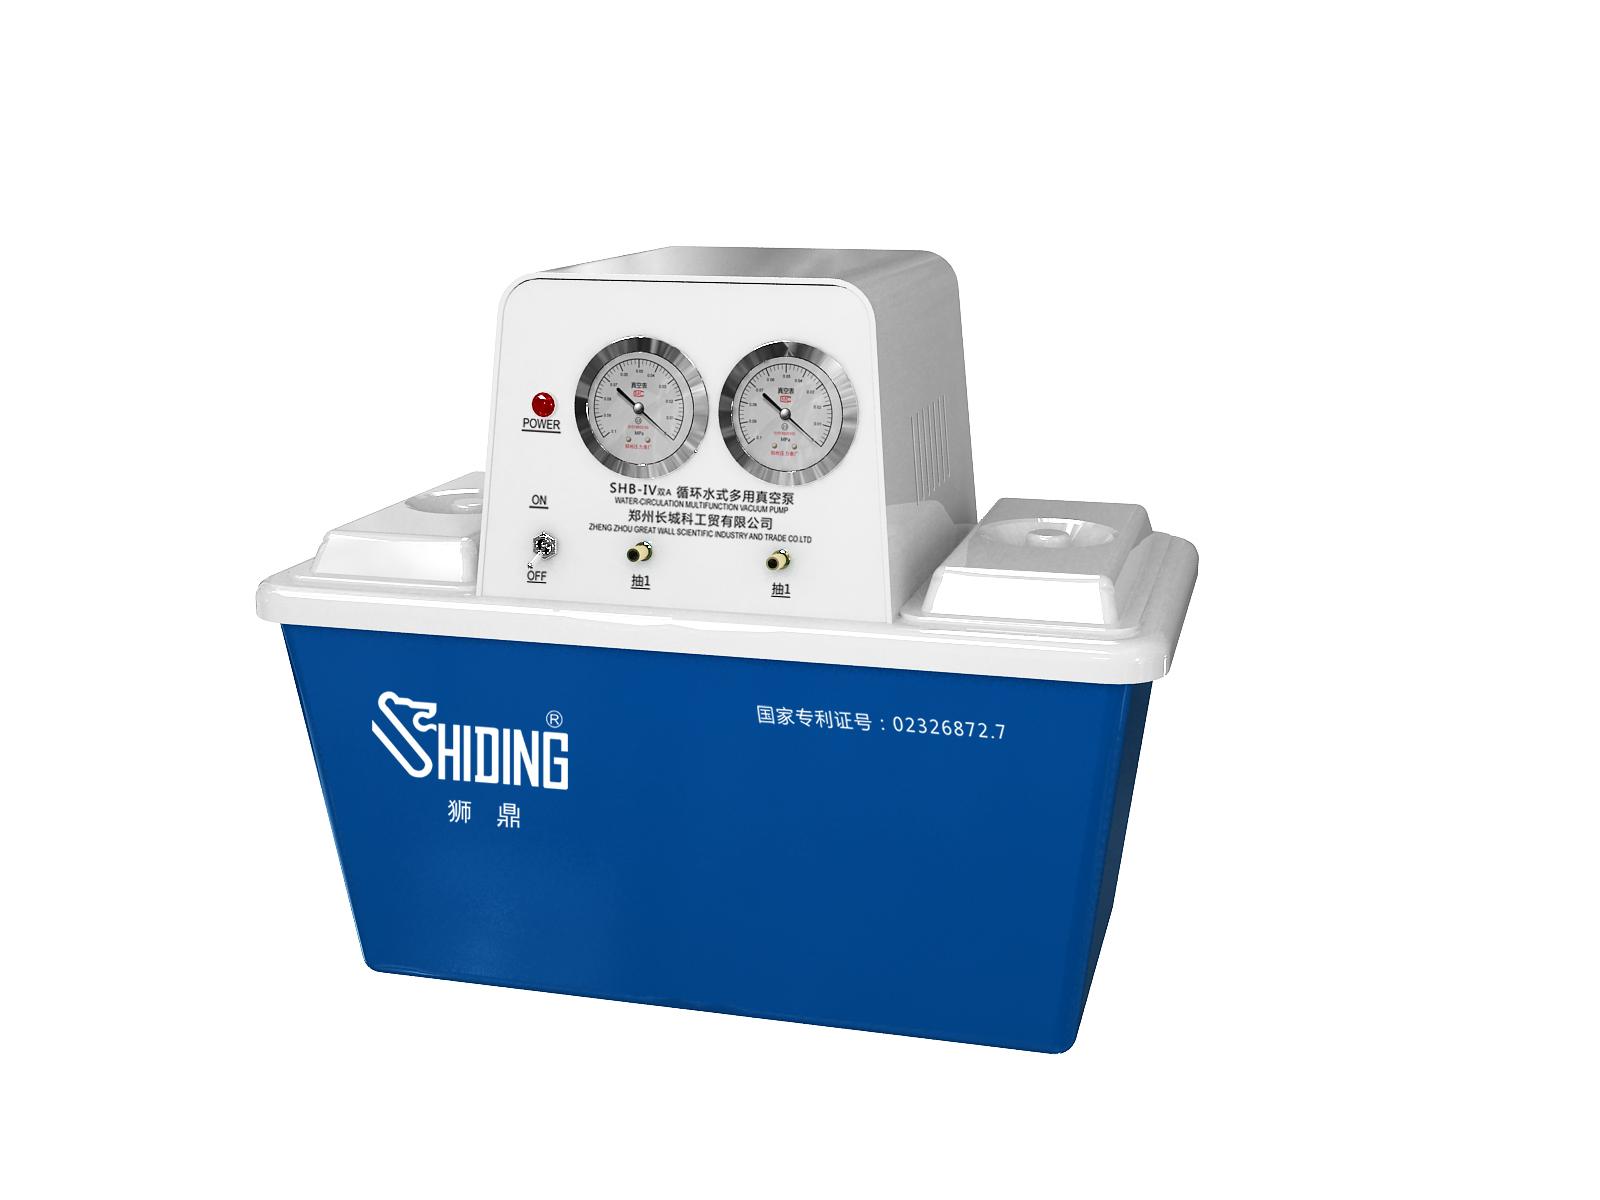 SHB-IV雙A循環水式多用真空泵